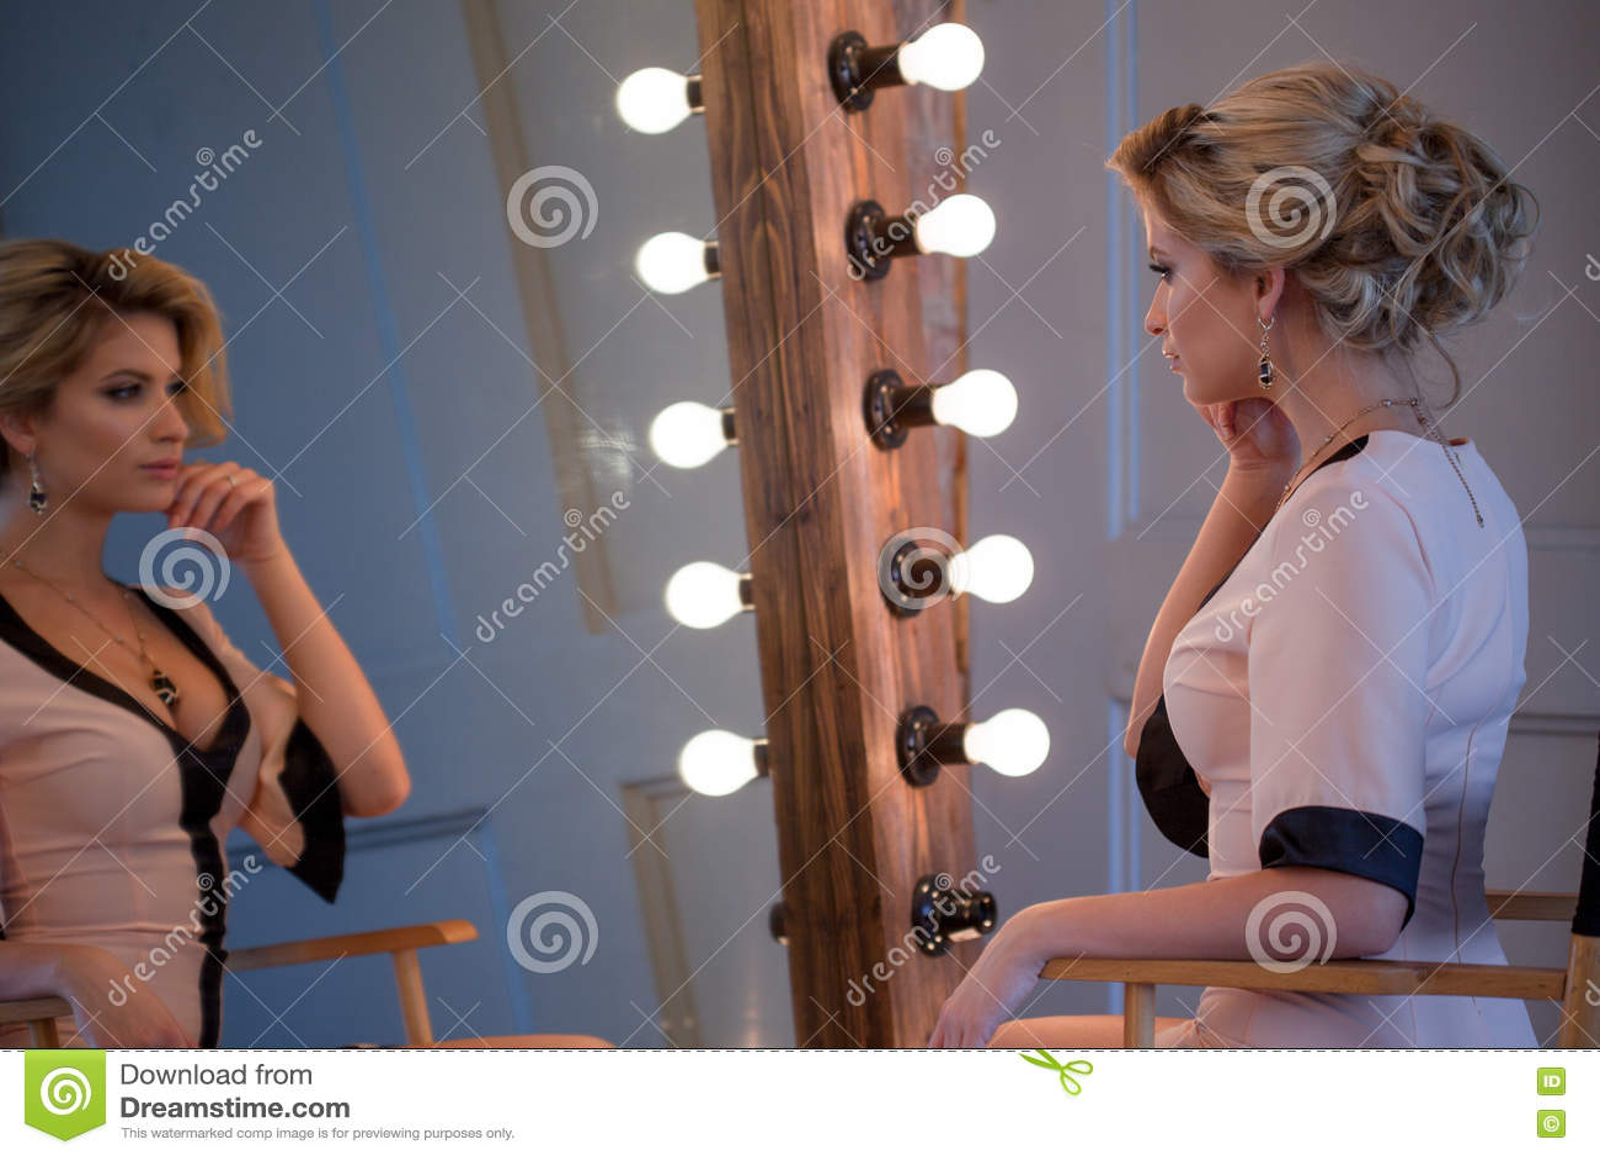 Девушка перед зеркалом в красивом платье